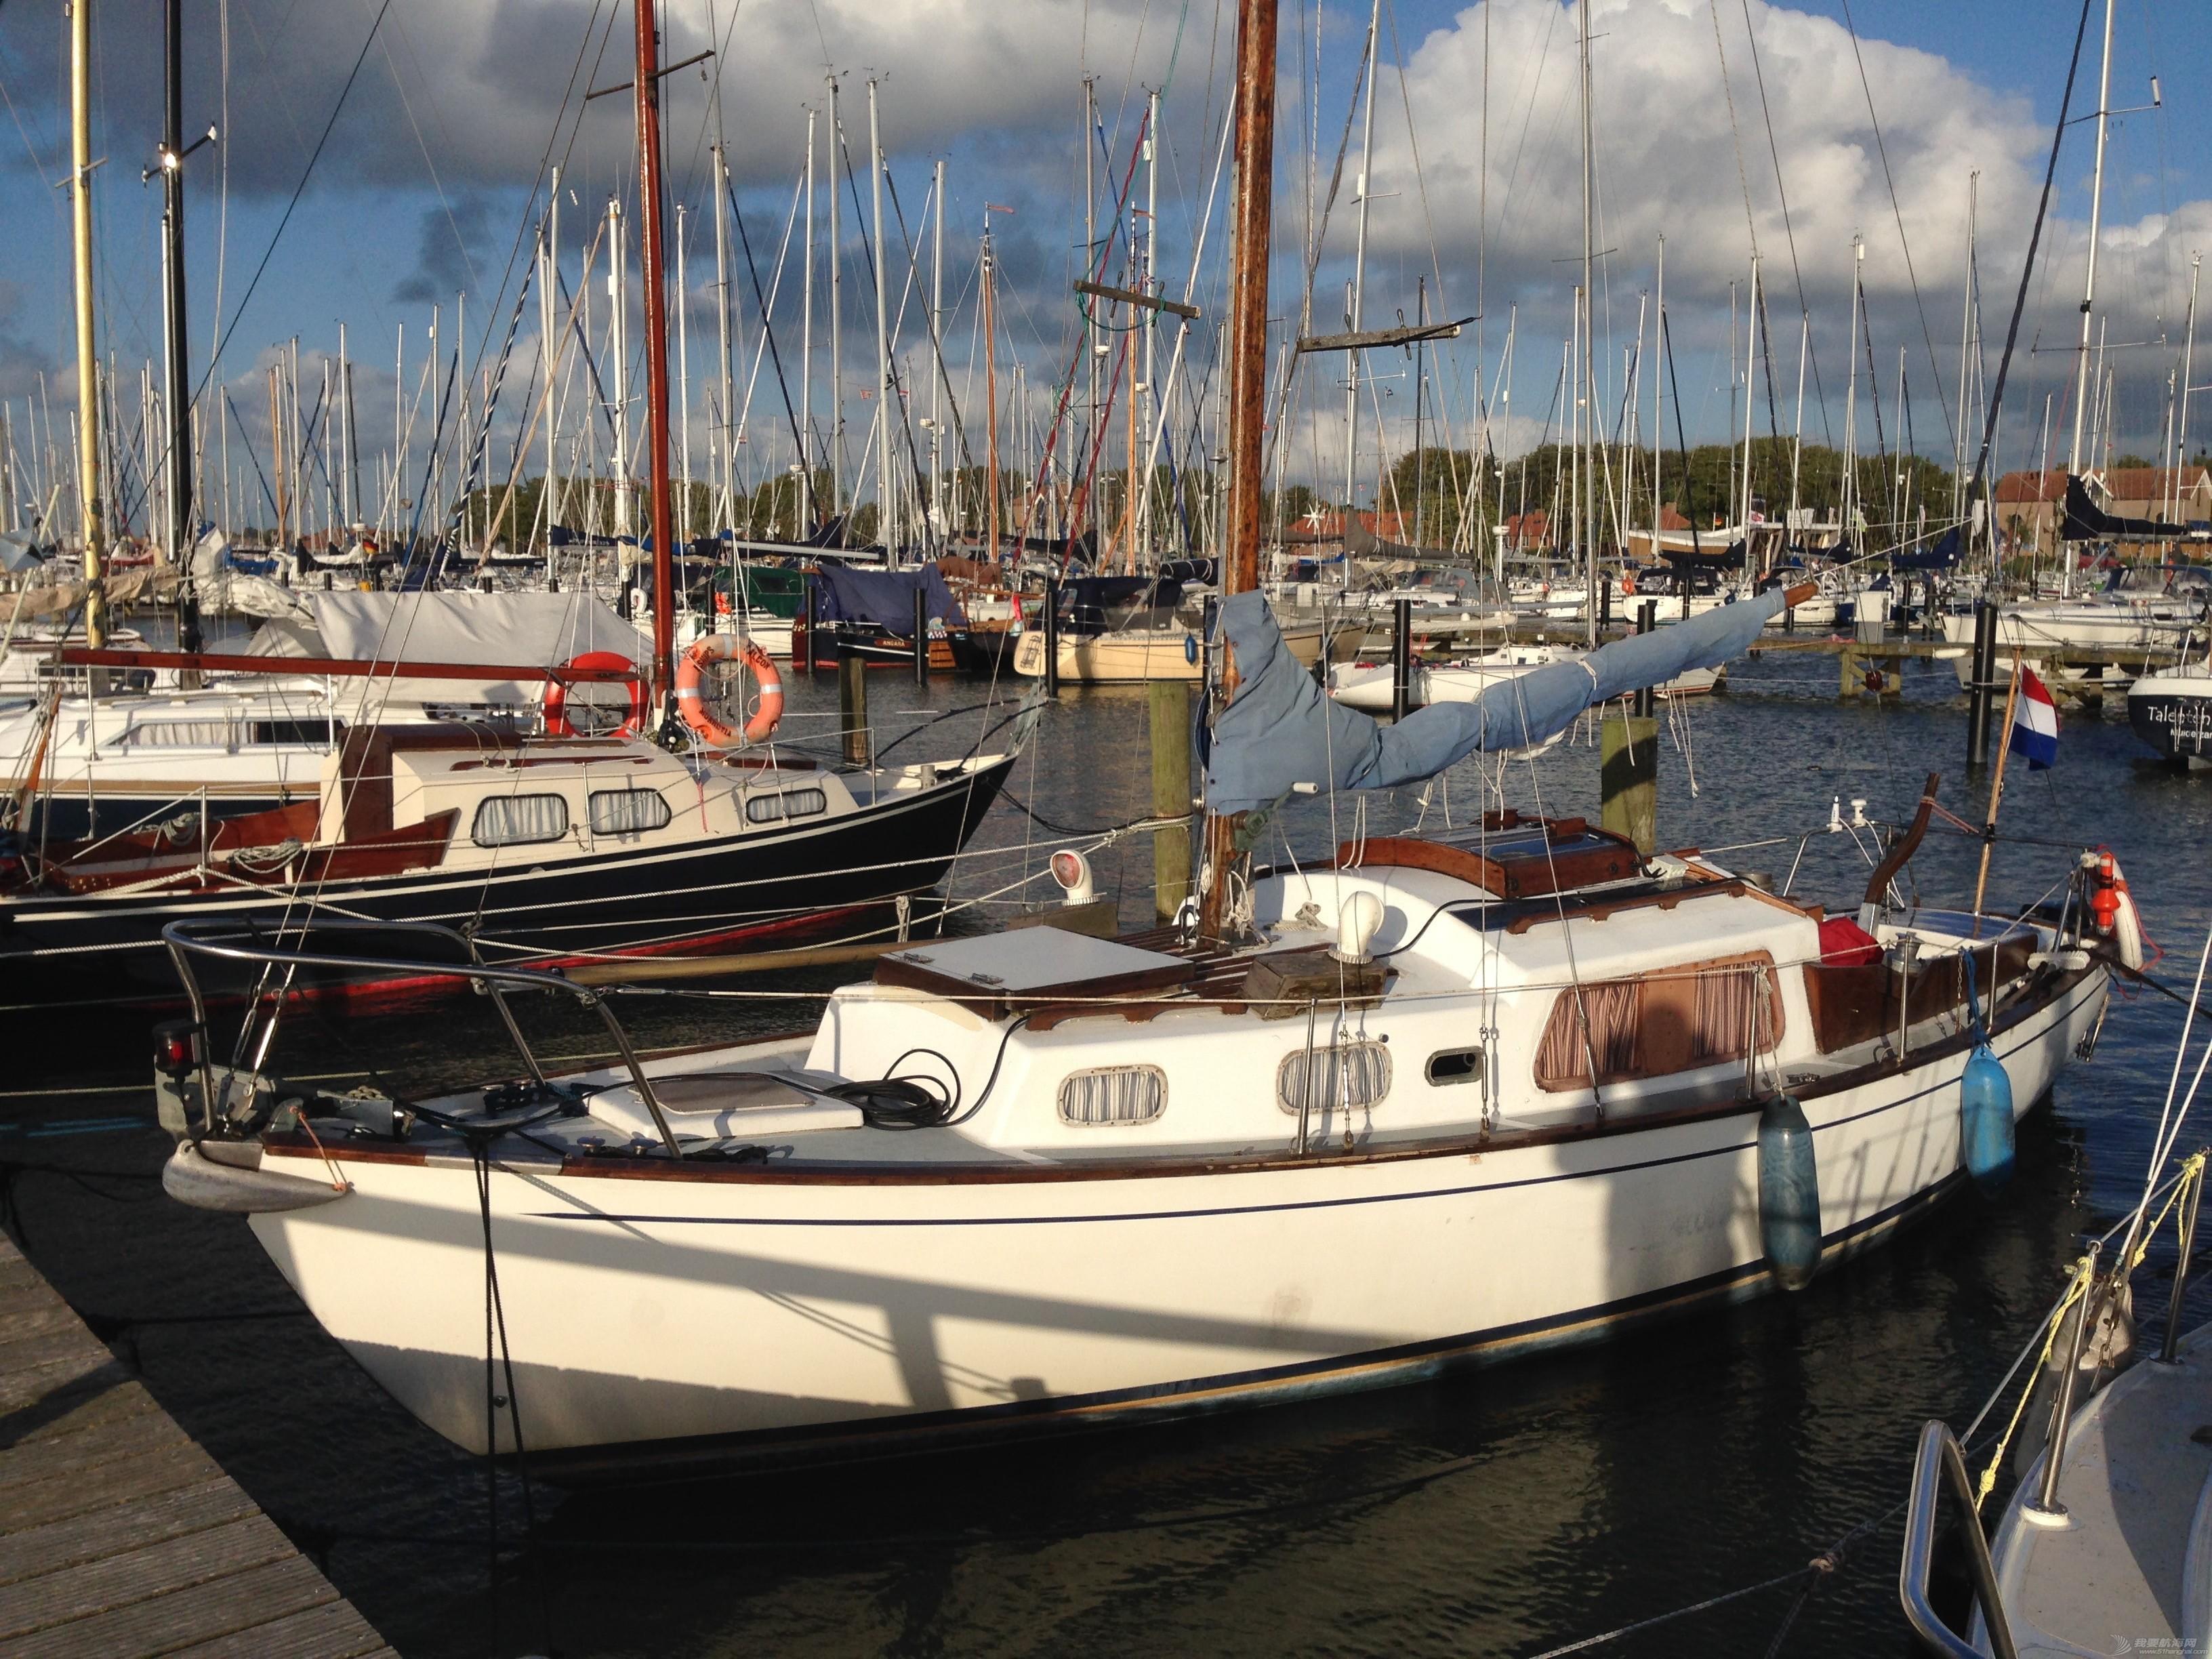 帆船 我也买了一艘小帆船 Tornado 770 IMG_0580.jpg